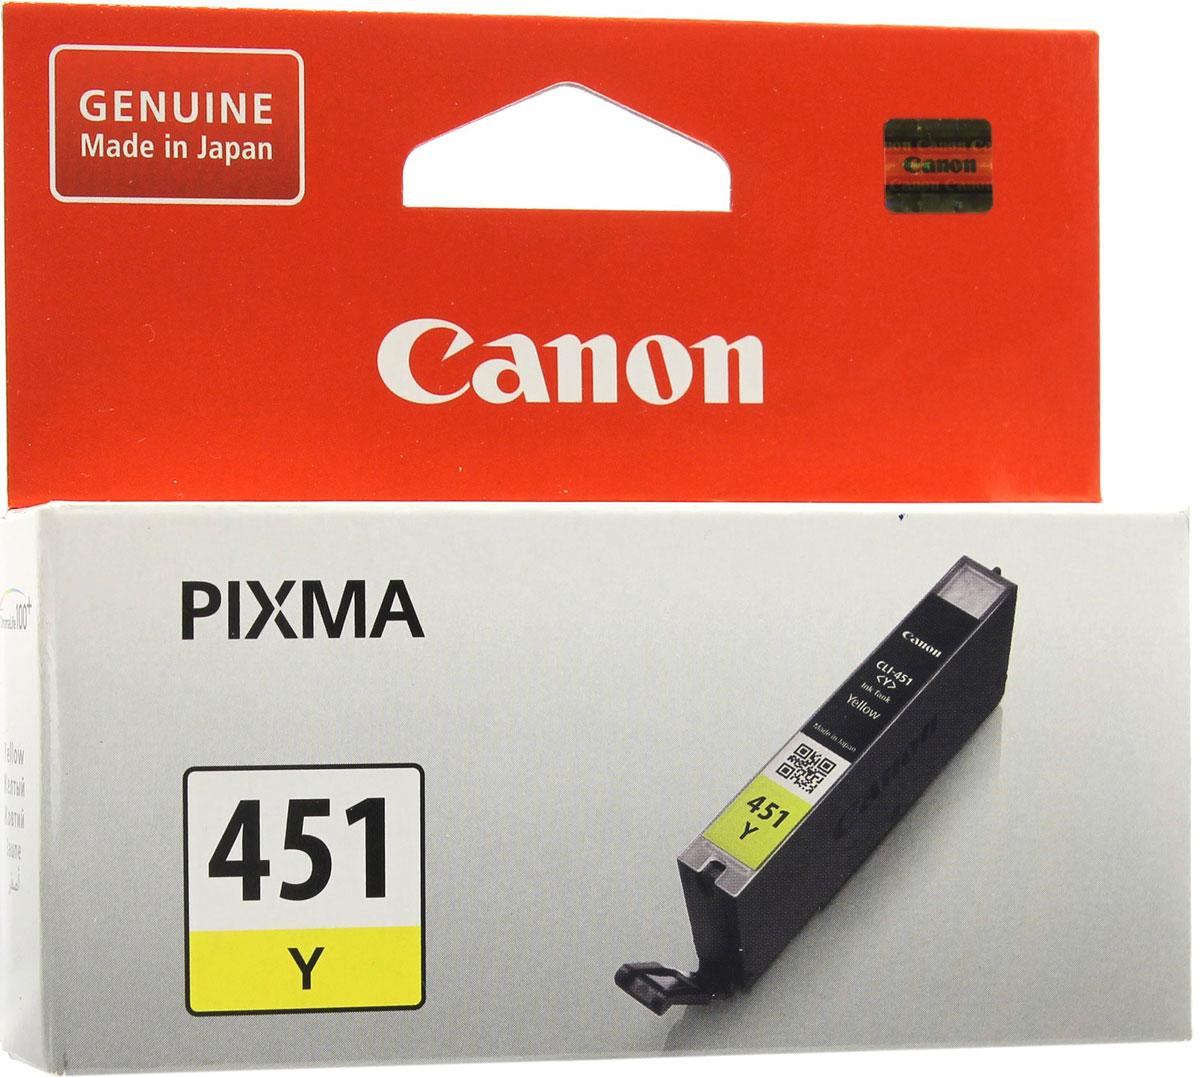 Canon CLI-451, Yellow картридж для PIXMA MG6340/MG5440/IP72406526B001Оригинальный картридж Canon CLI-451 с оригинальными чернилами гарантирует профессиональный вид печатаемых документов и высокую производительность. Надежная печать без проблем. Точная цветопередача и быстрое высыхание. Для получения красивых и долговечных отпечатков сделайте выбор в пользу чернил Canon.